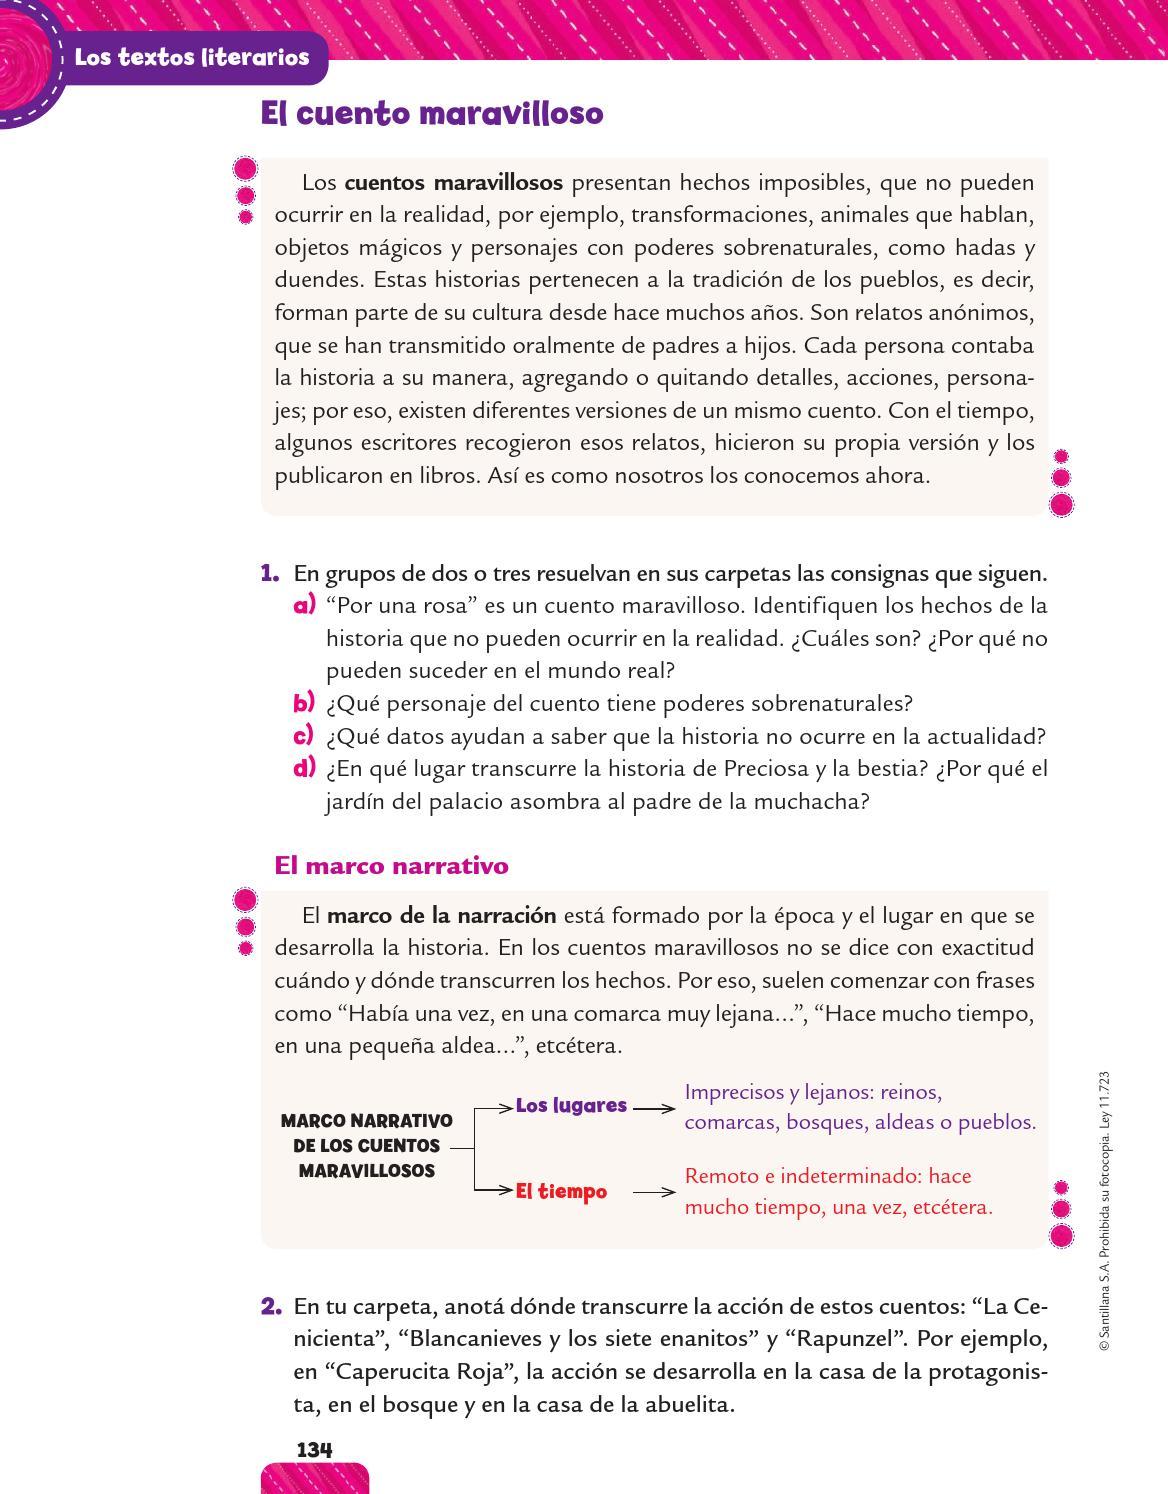 Manual 4 nacion en movimiento by santillana_argentina - issuu